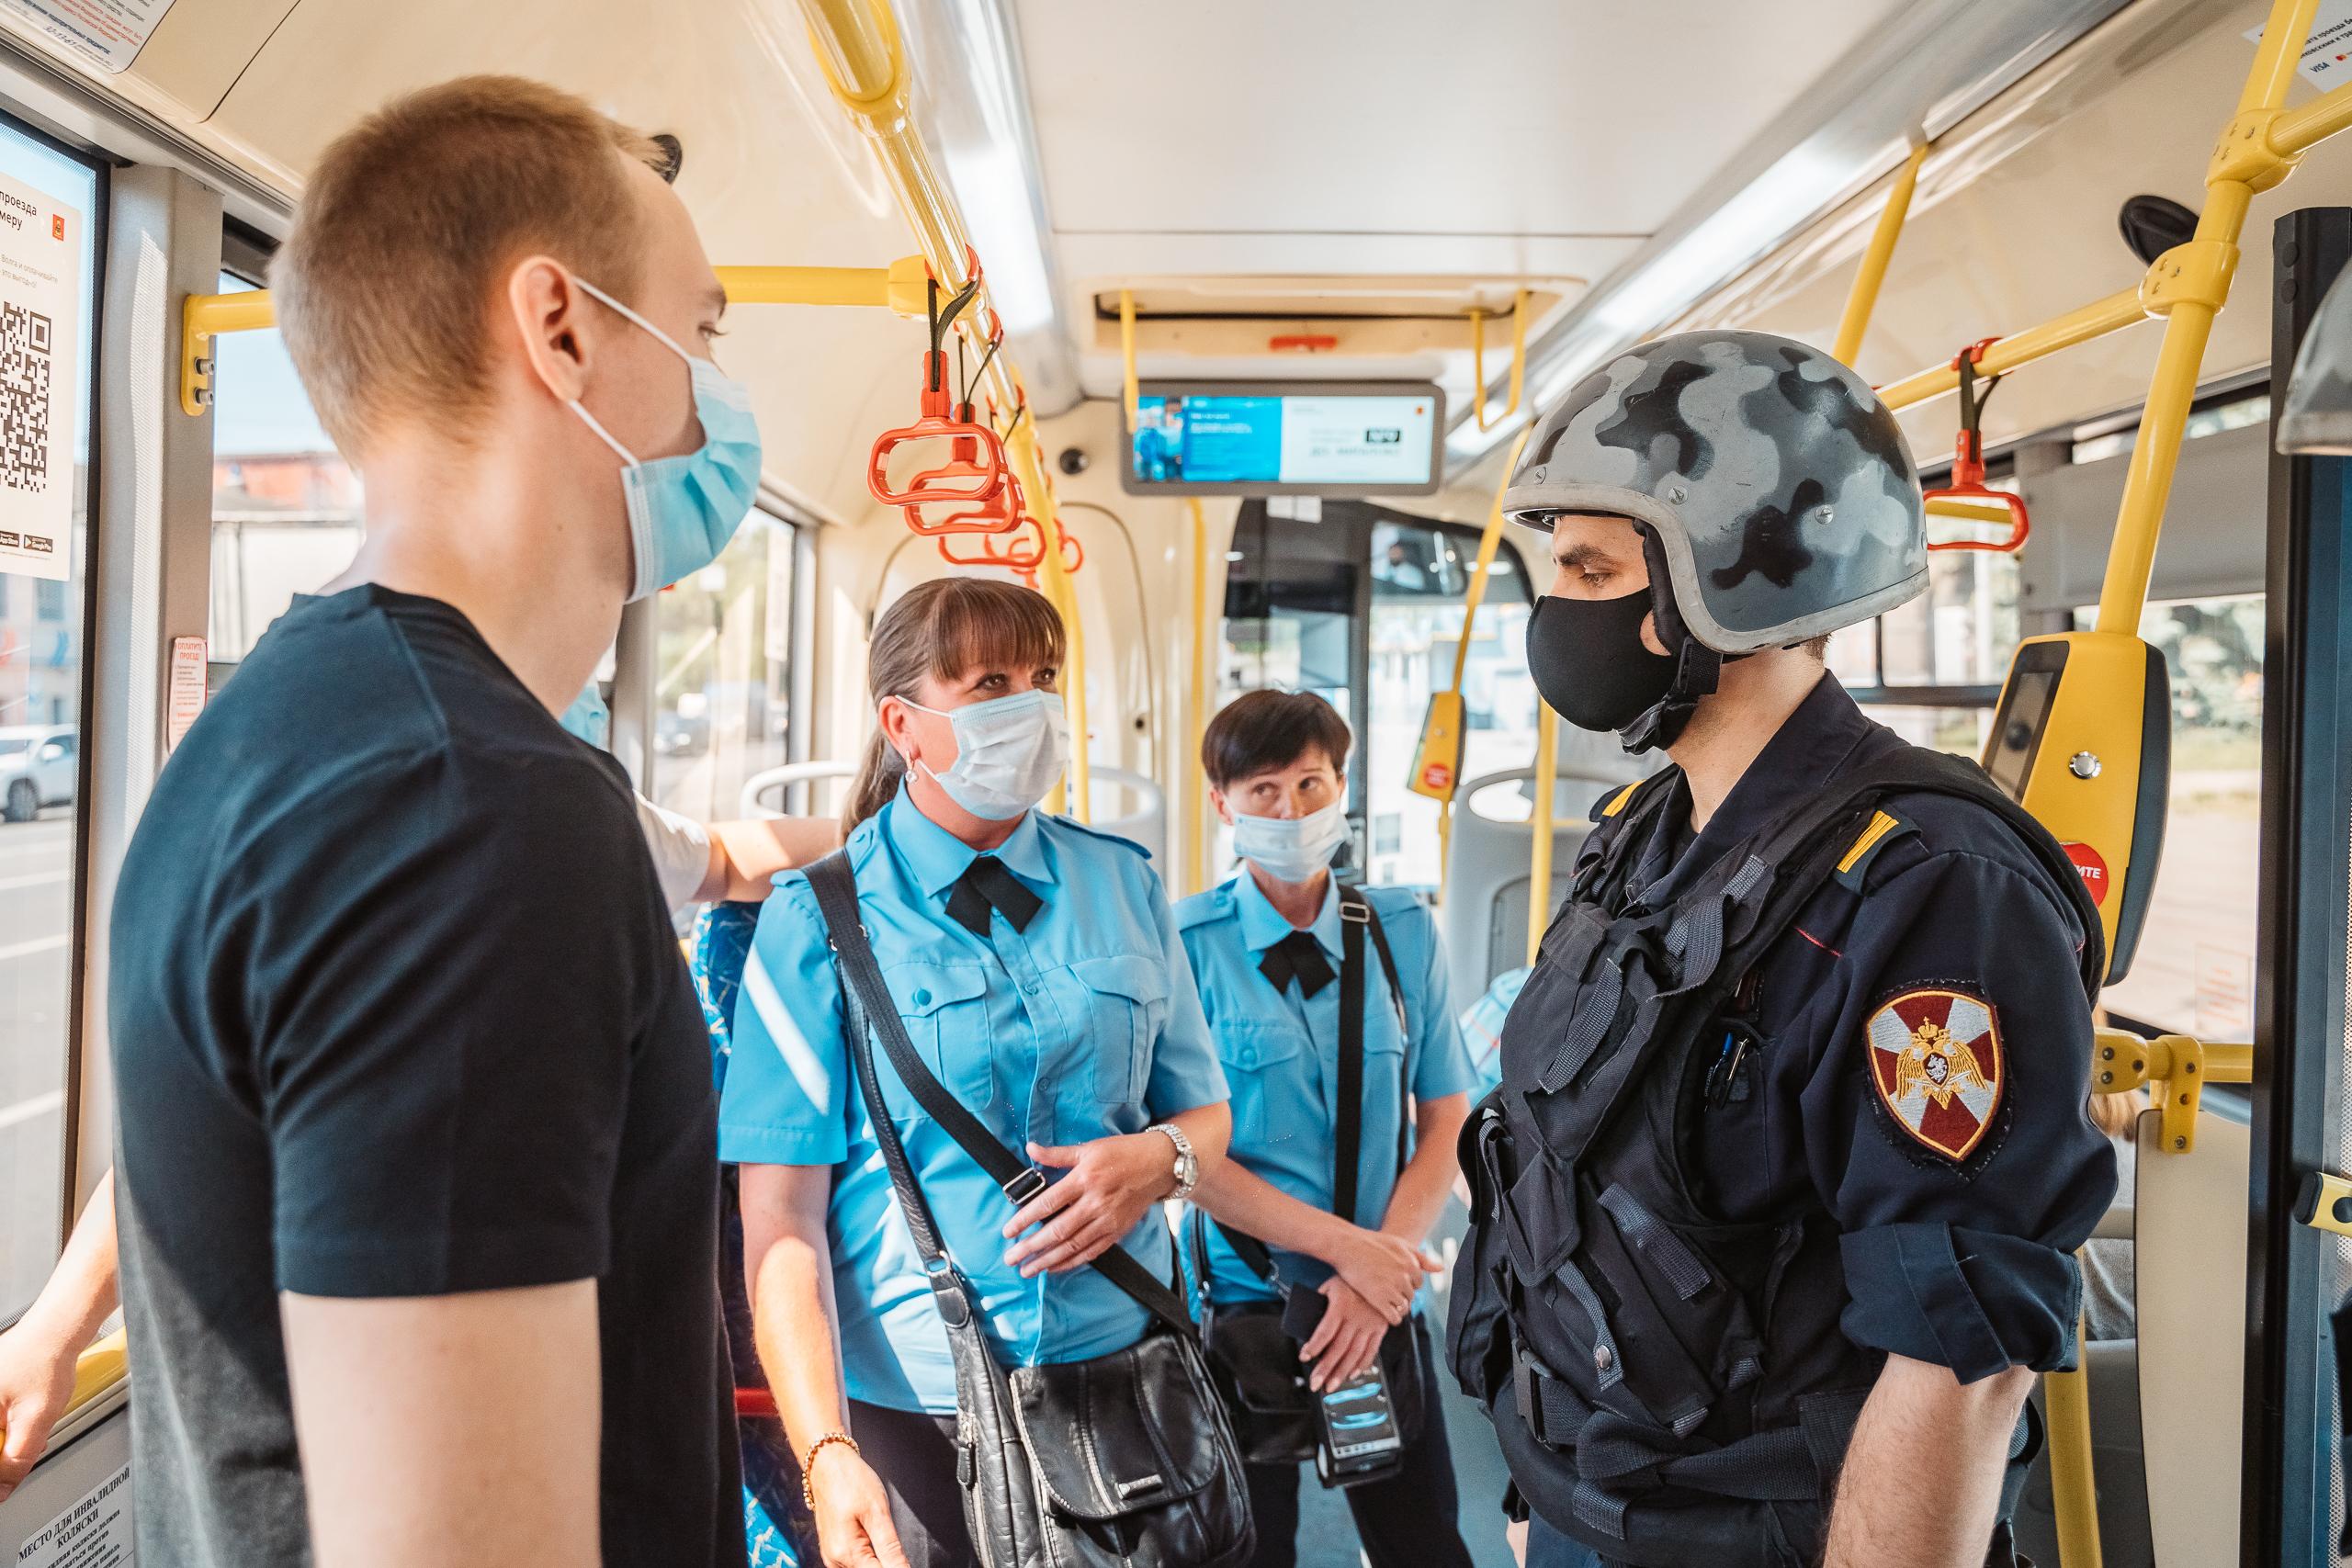 В тверском транспорте агрессивных пассажиров будет задерживать Росгвардия